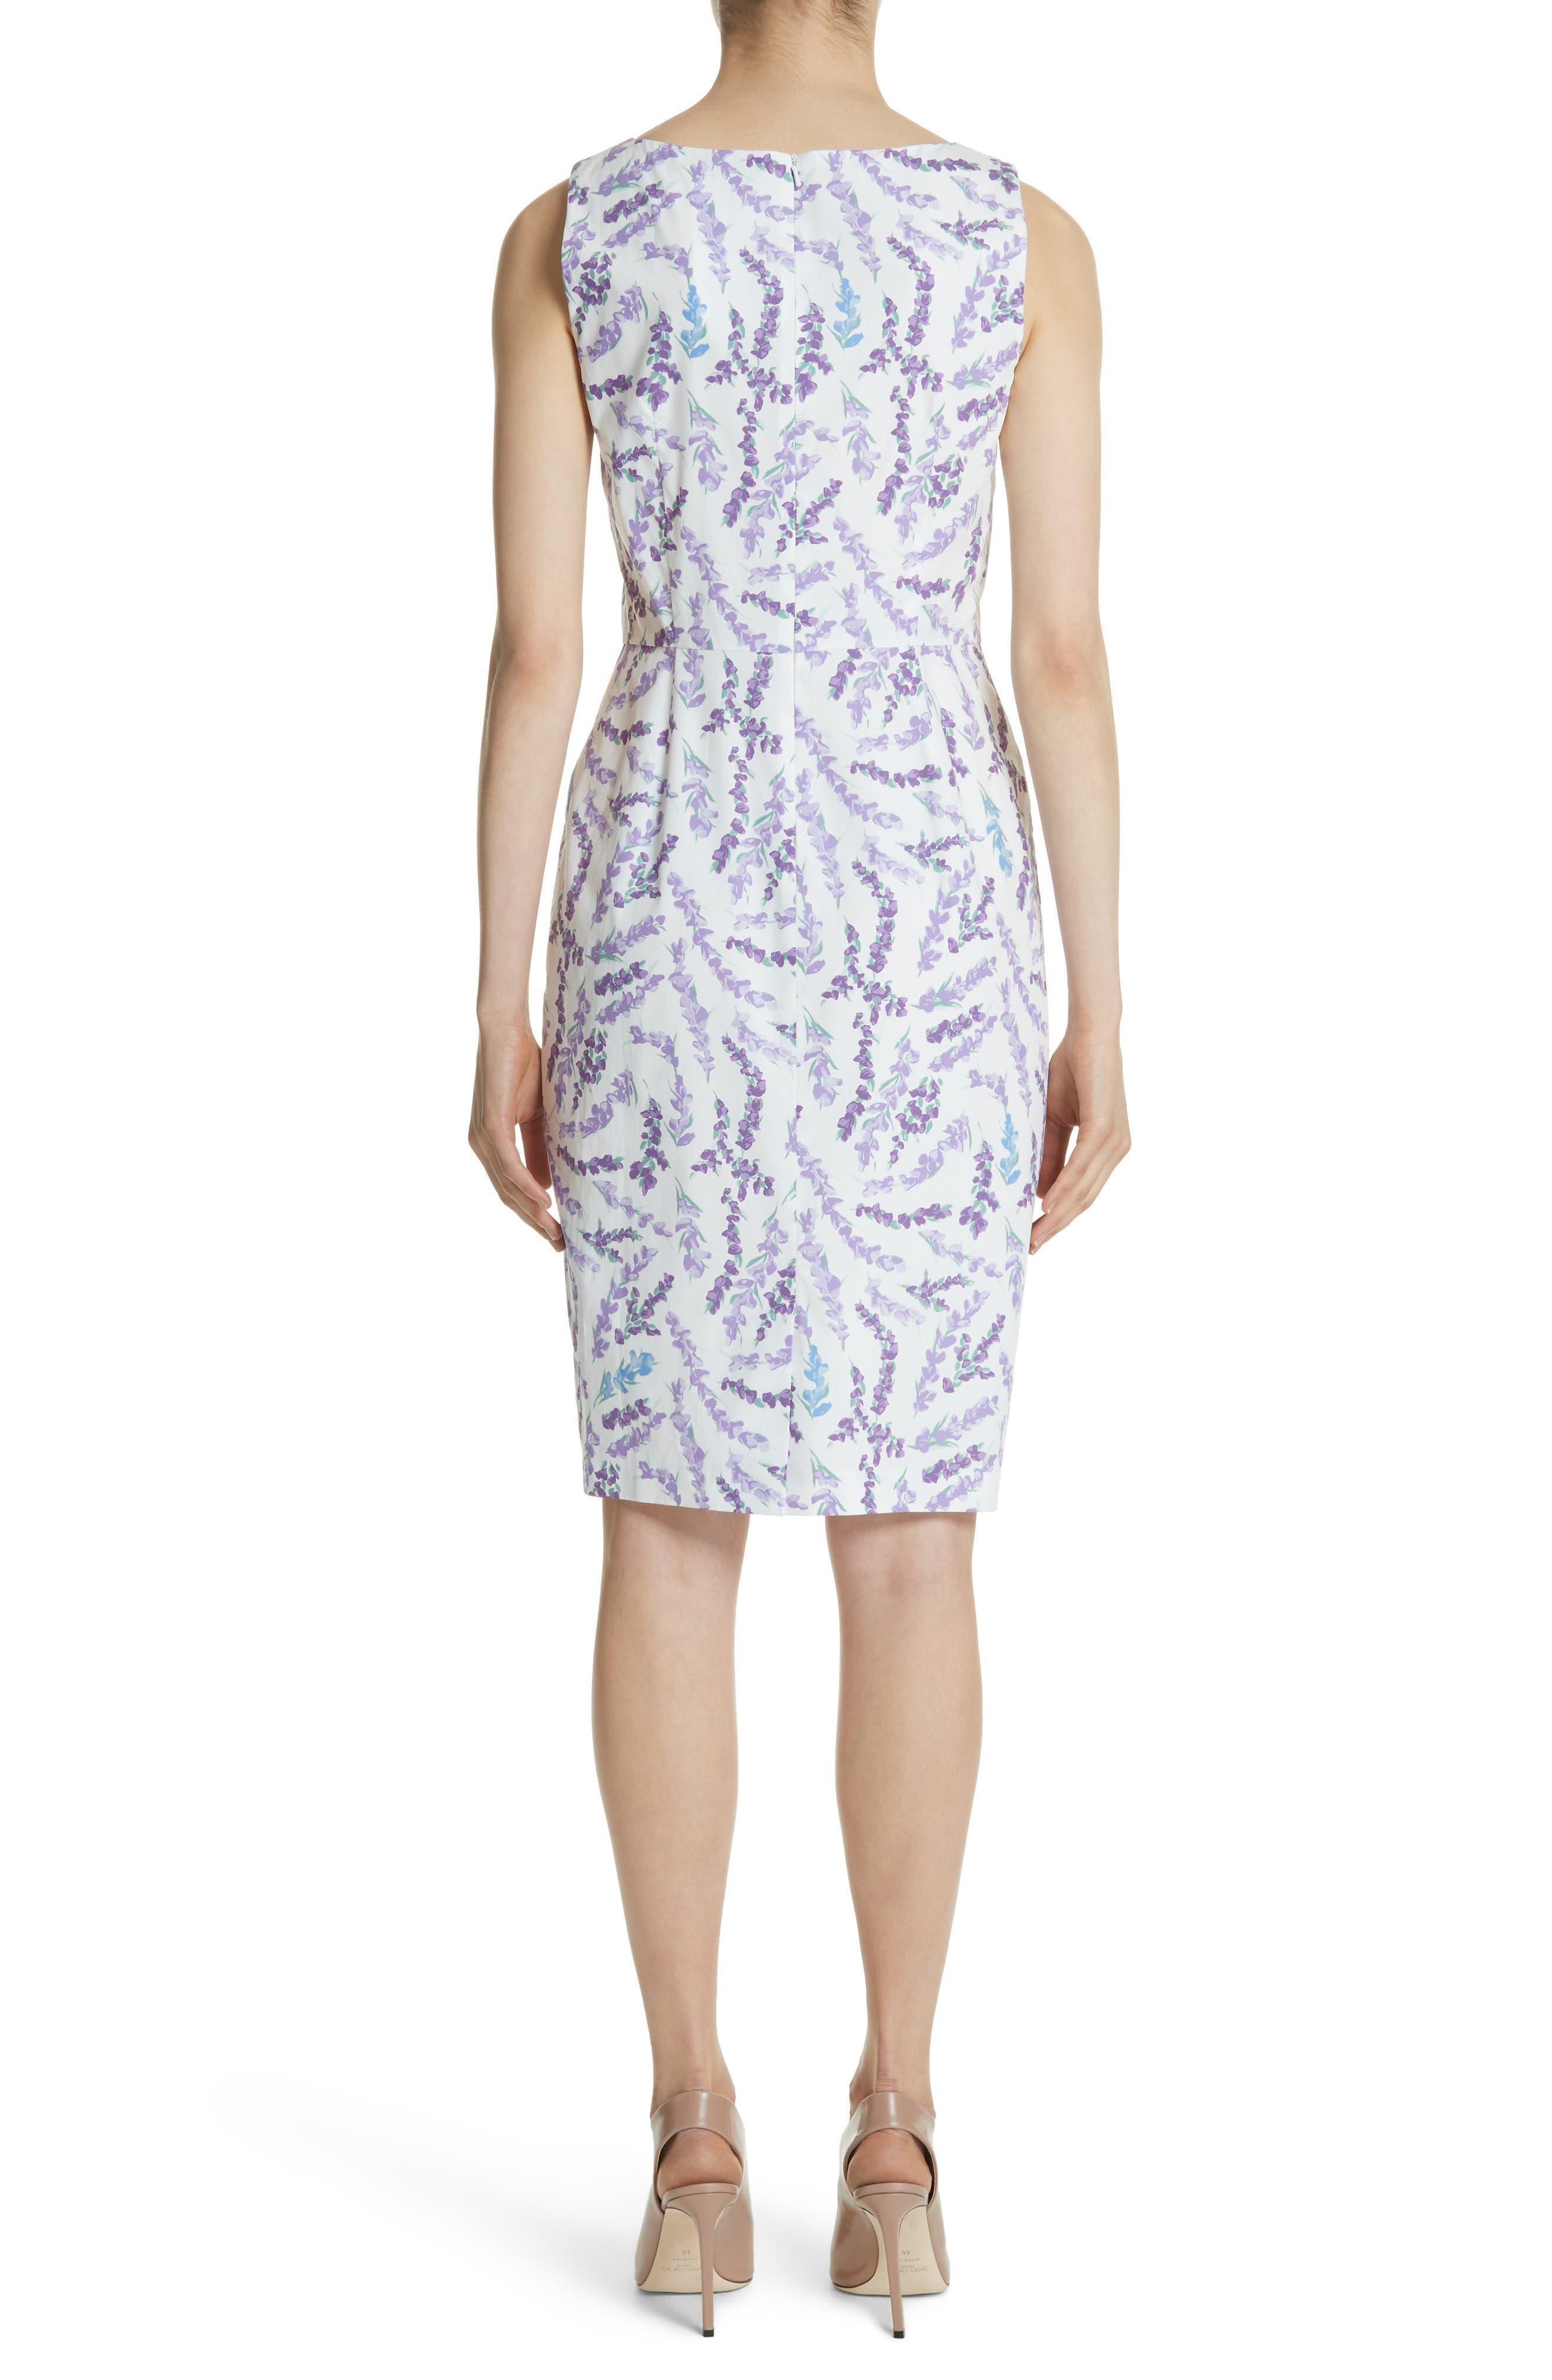 Melfi Print Cotton Sheath Dress,                             Alternate thumbnail 2, color,                             531